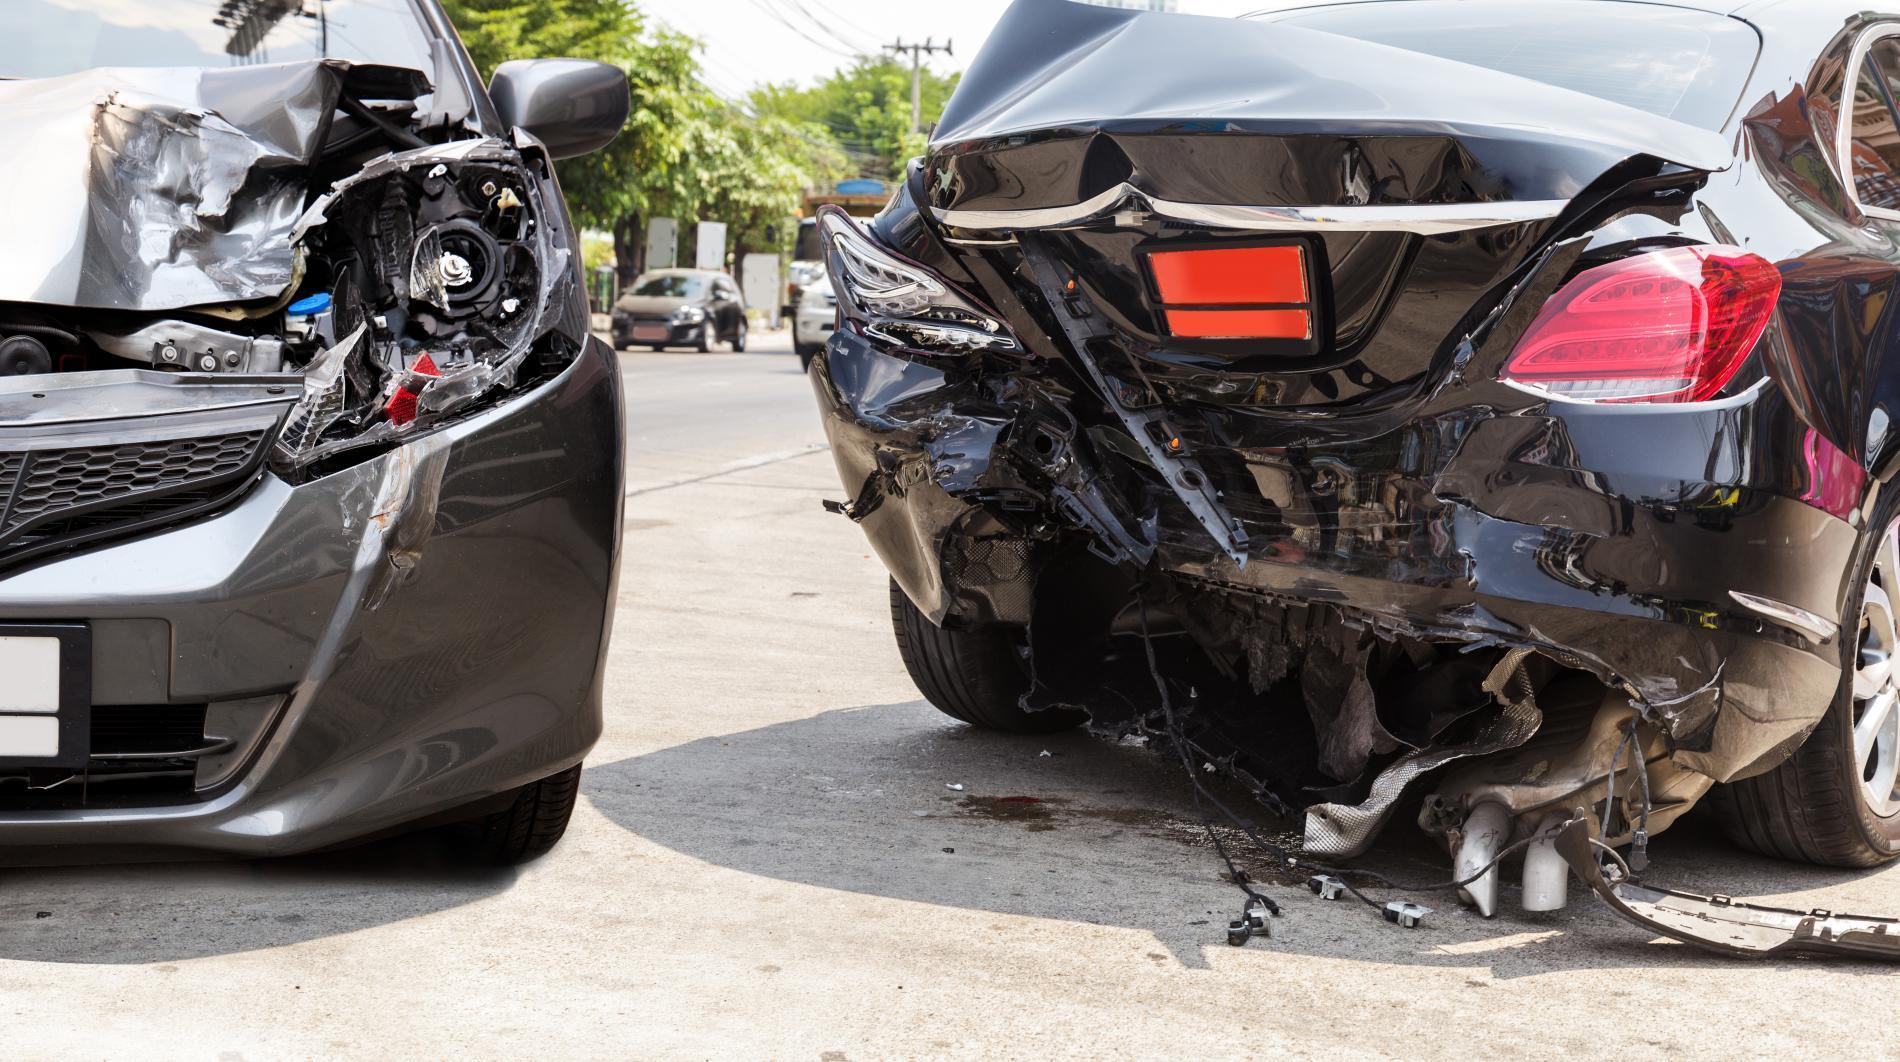 Mingəçevirdə avtomobil 6 nəfəri vurub, onlardan biri ölüb - RƏSMİ